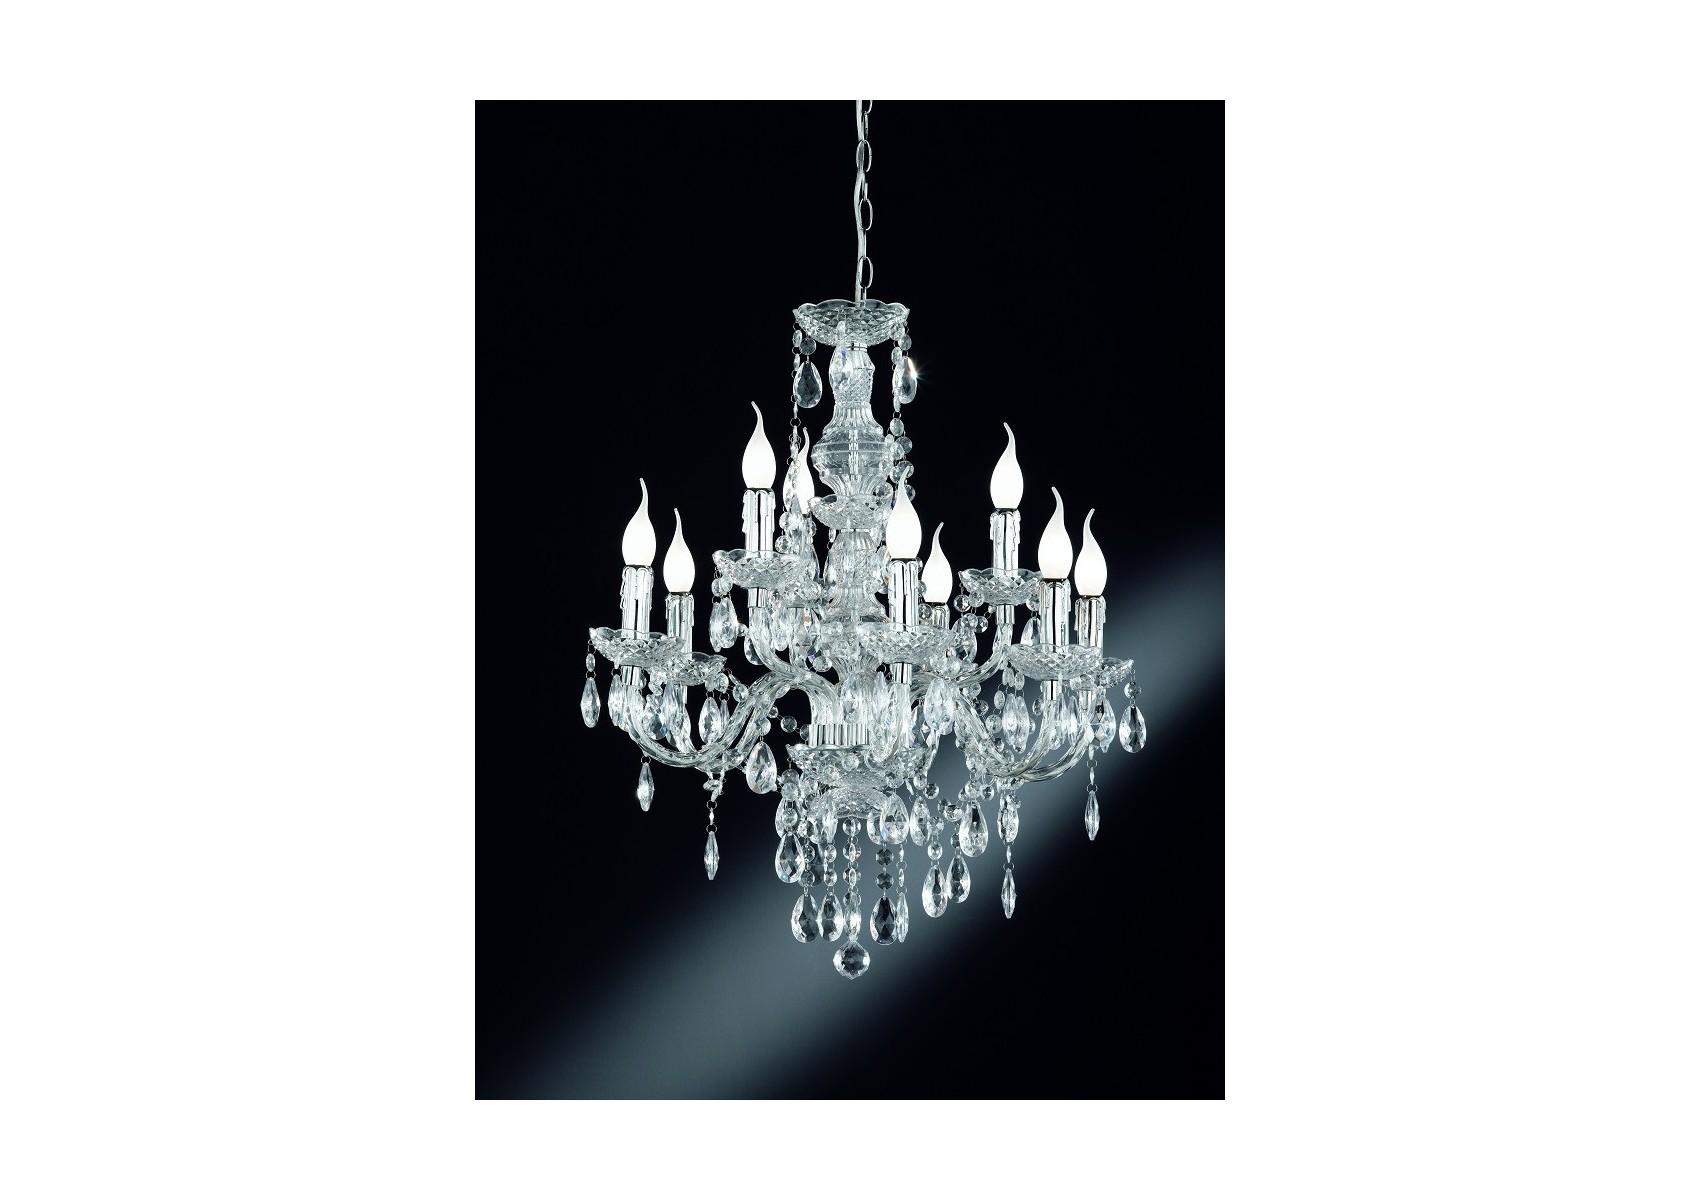 L gant meilleures ampoules pour lustre de salle manger for Lustre ampoules suspendues